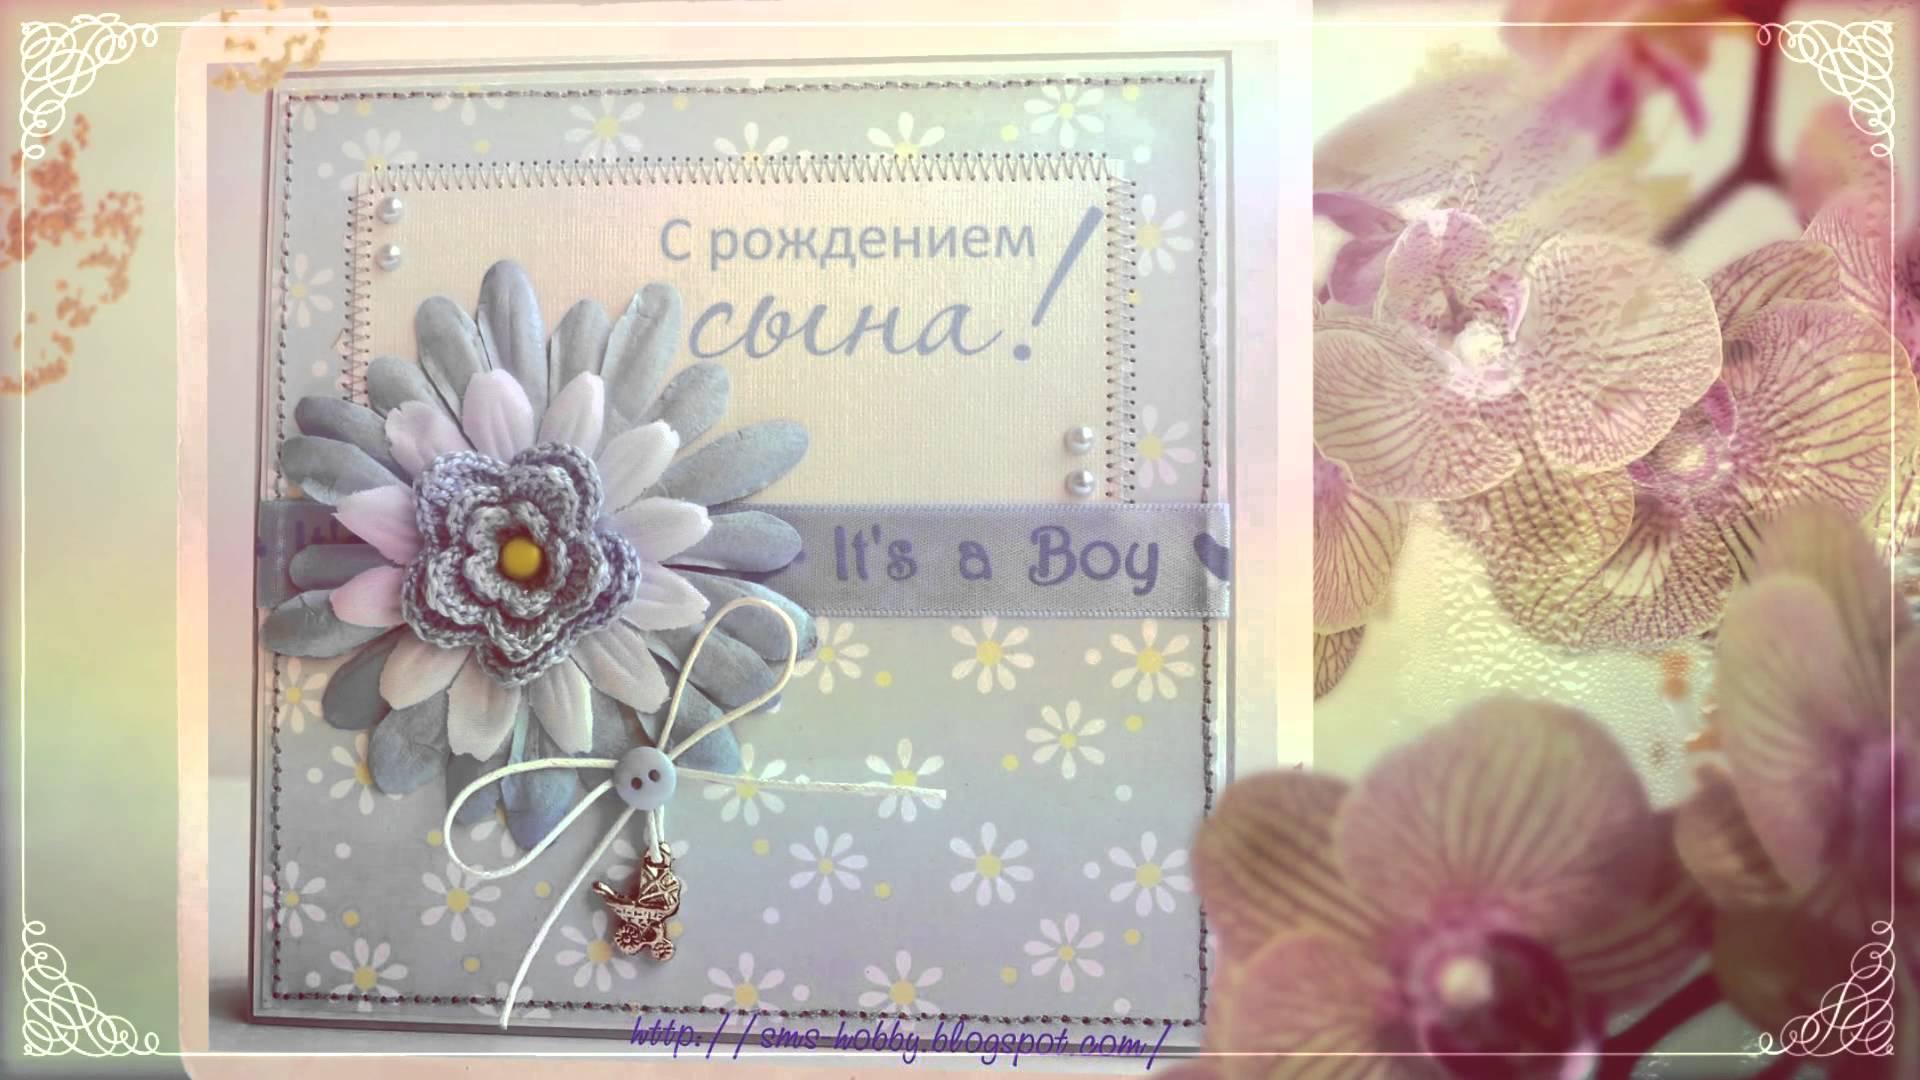 Поздравления мамочку с днем рождения сыночка